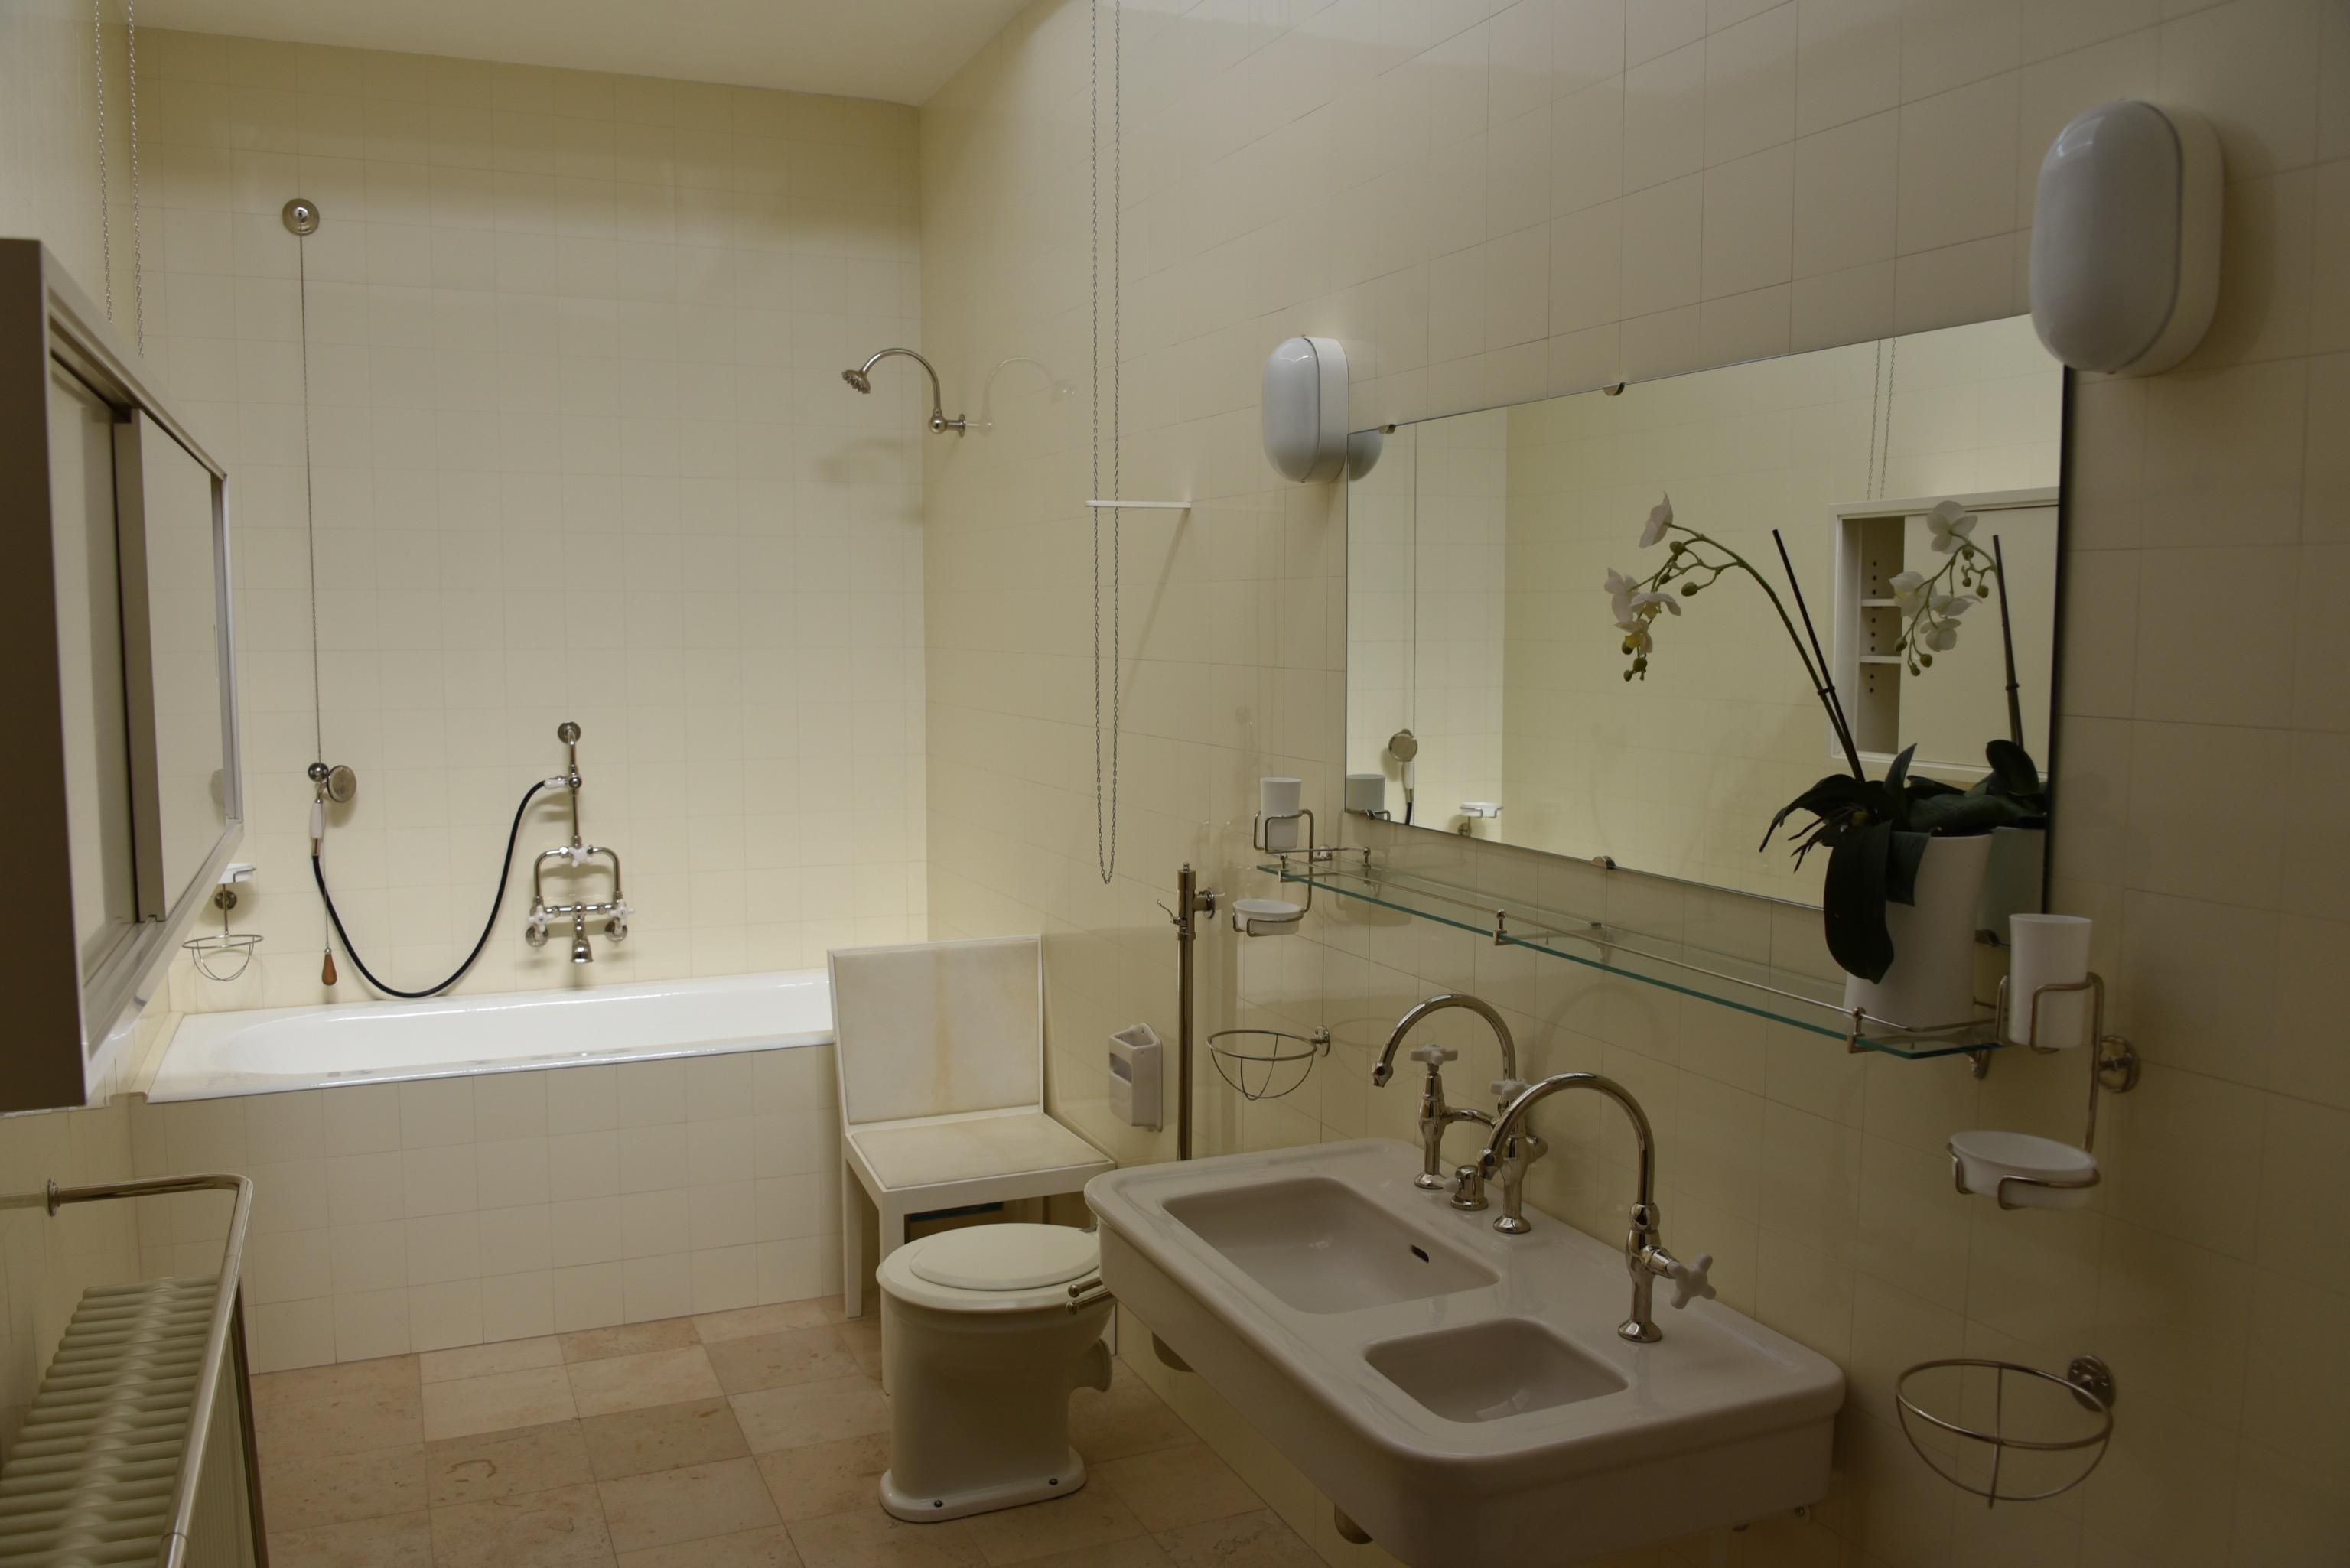 Совмещенная ванная комната с кафелем